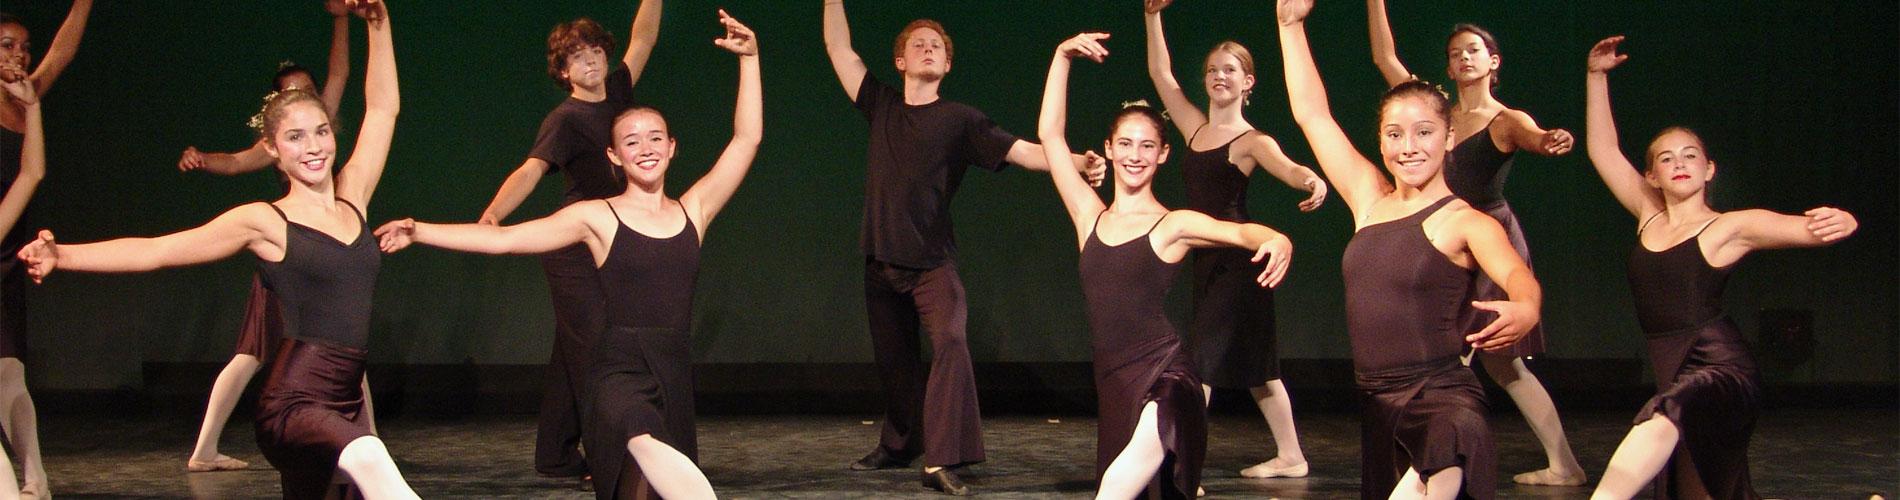 dance-camp-003